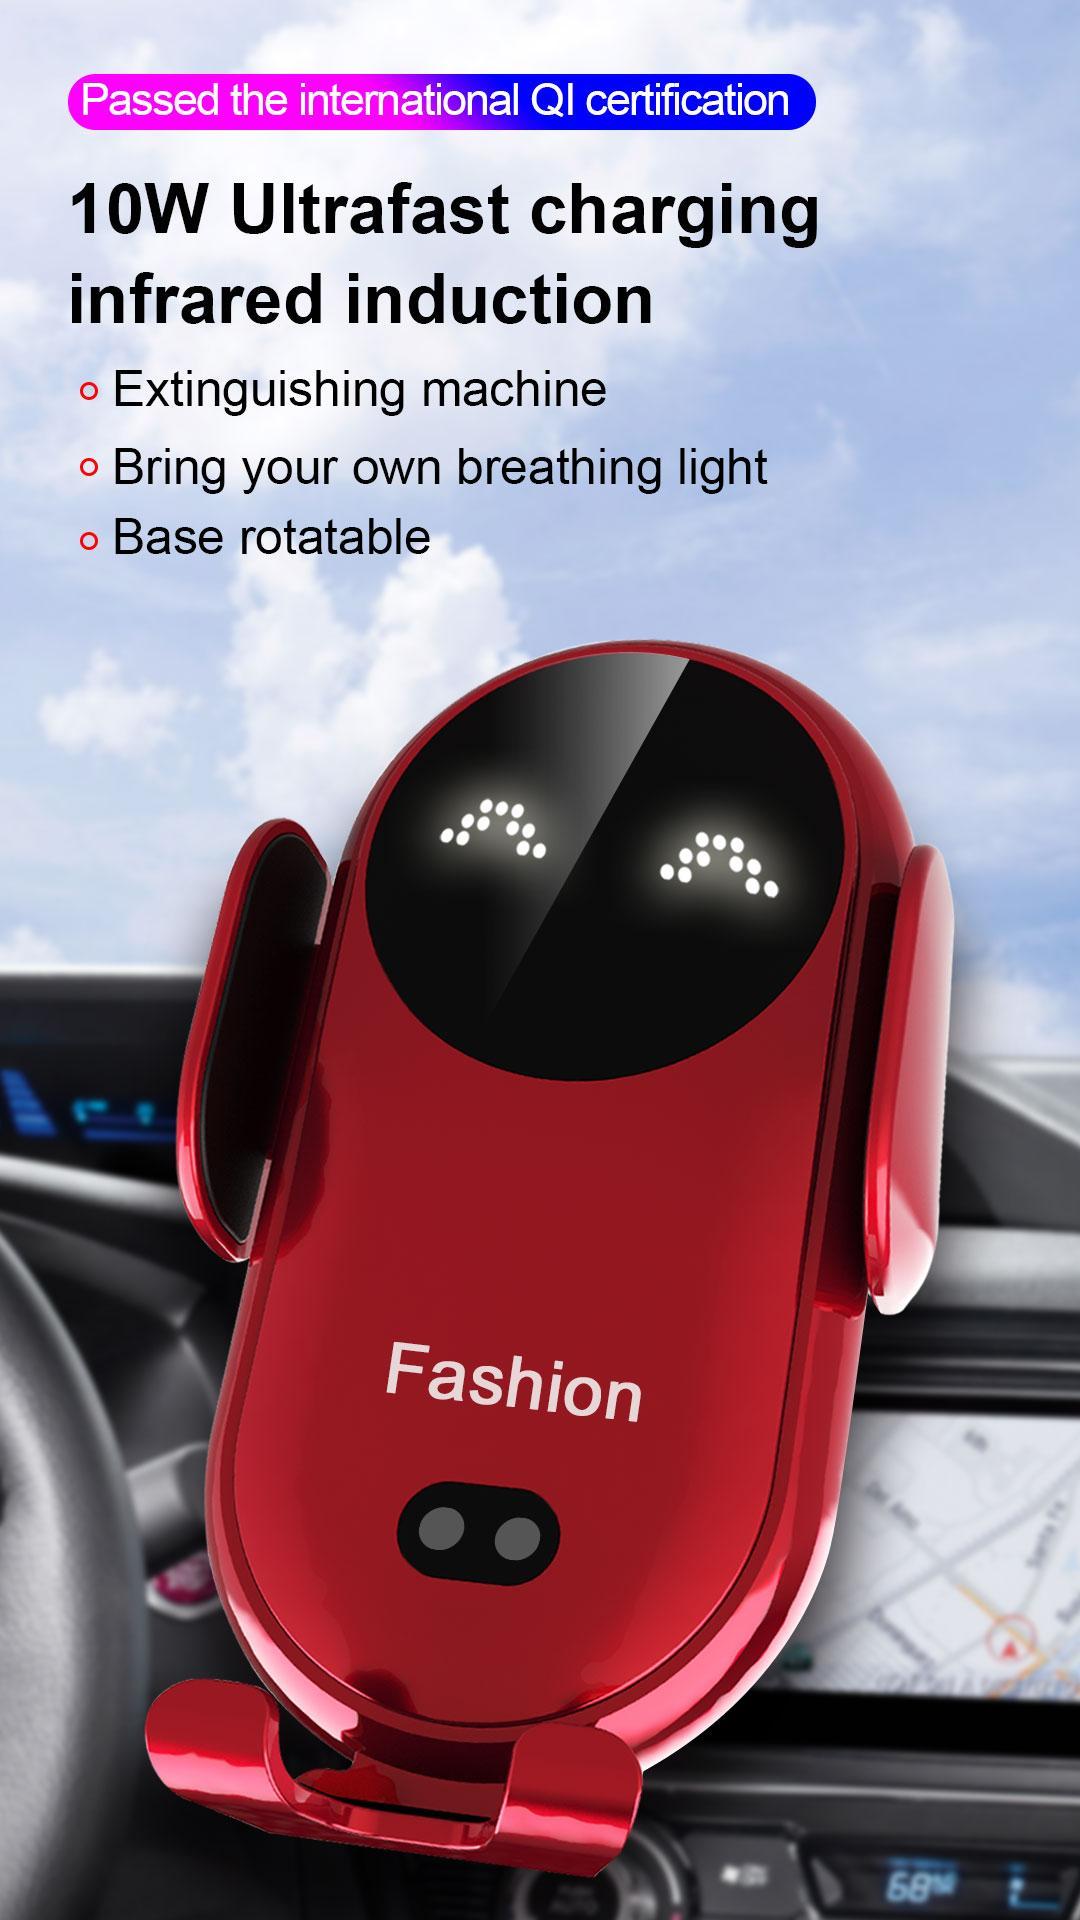 Smiley Chargeur sans fil Sensing Automatique pour ouvrir les armes Porte-téléphone mobile Sortie mobile 4 couleurs pour choisir